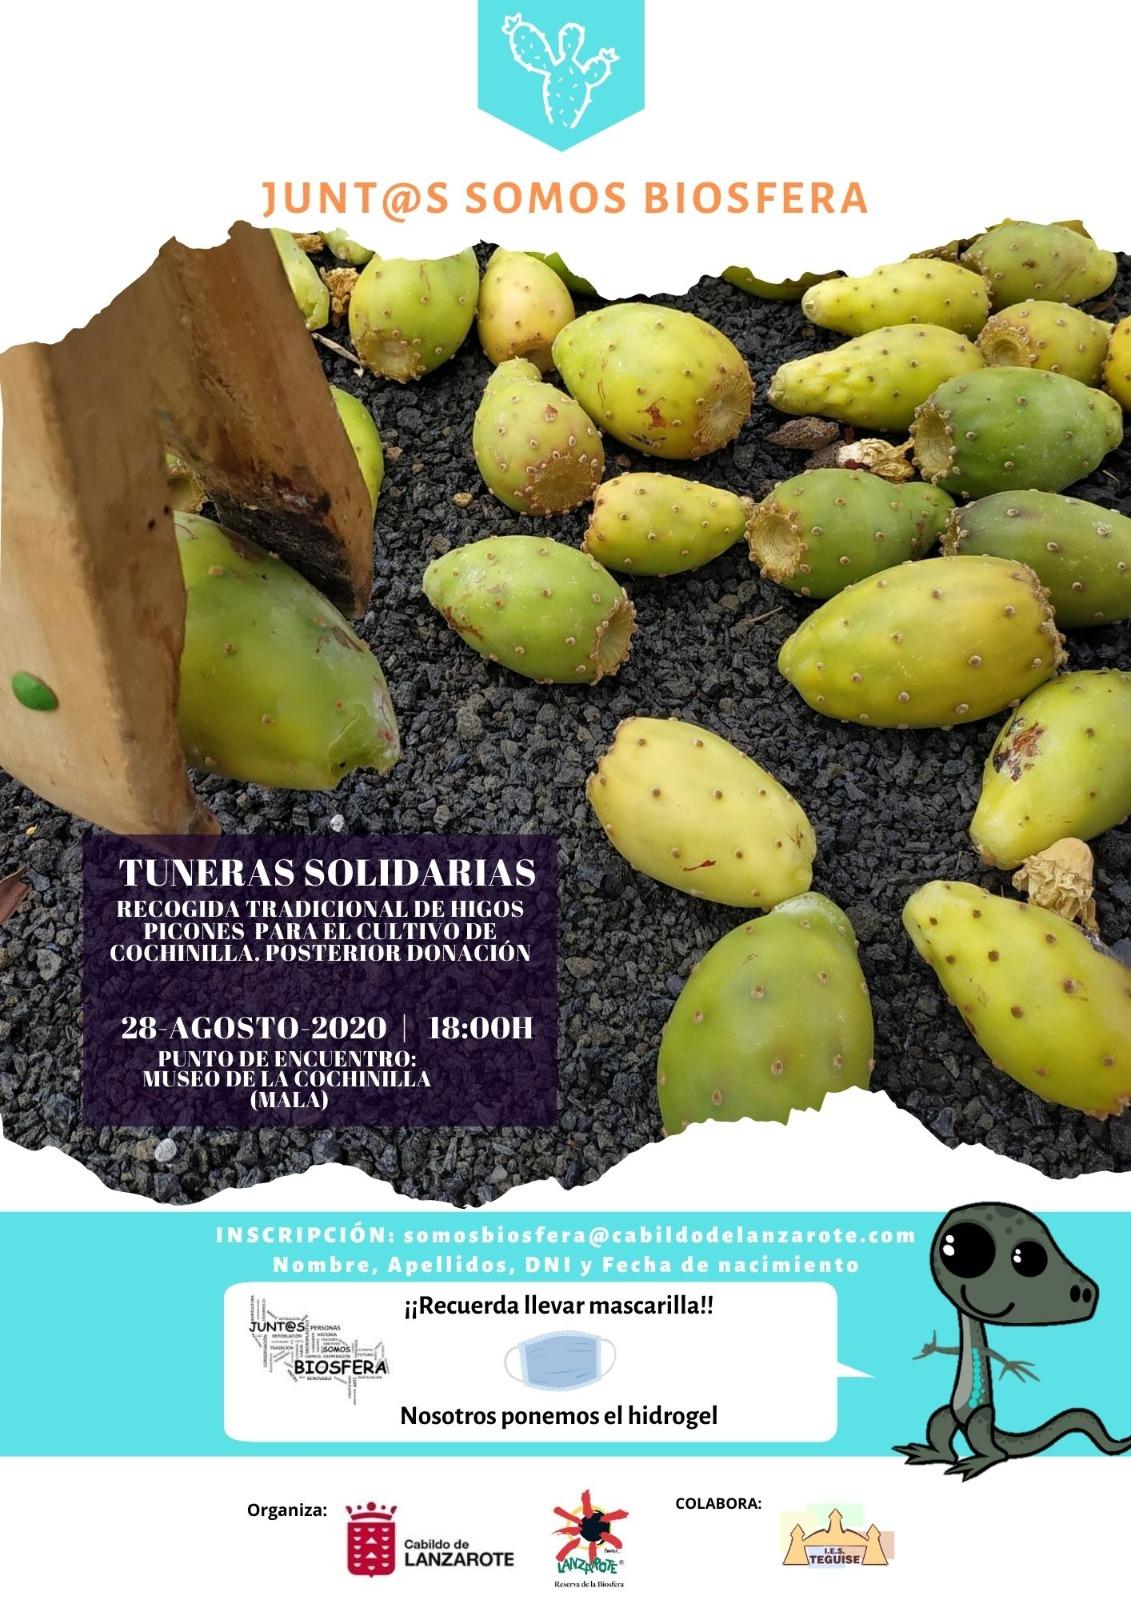 Tuneras Solidarias, una acción para acercar la cultura de la cochinilla a la población